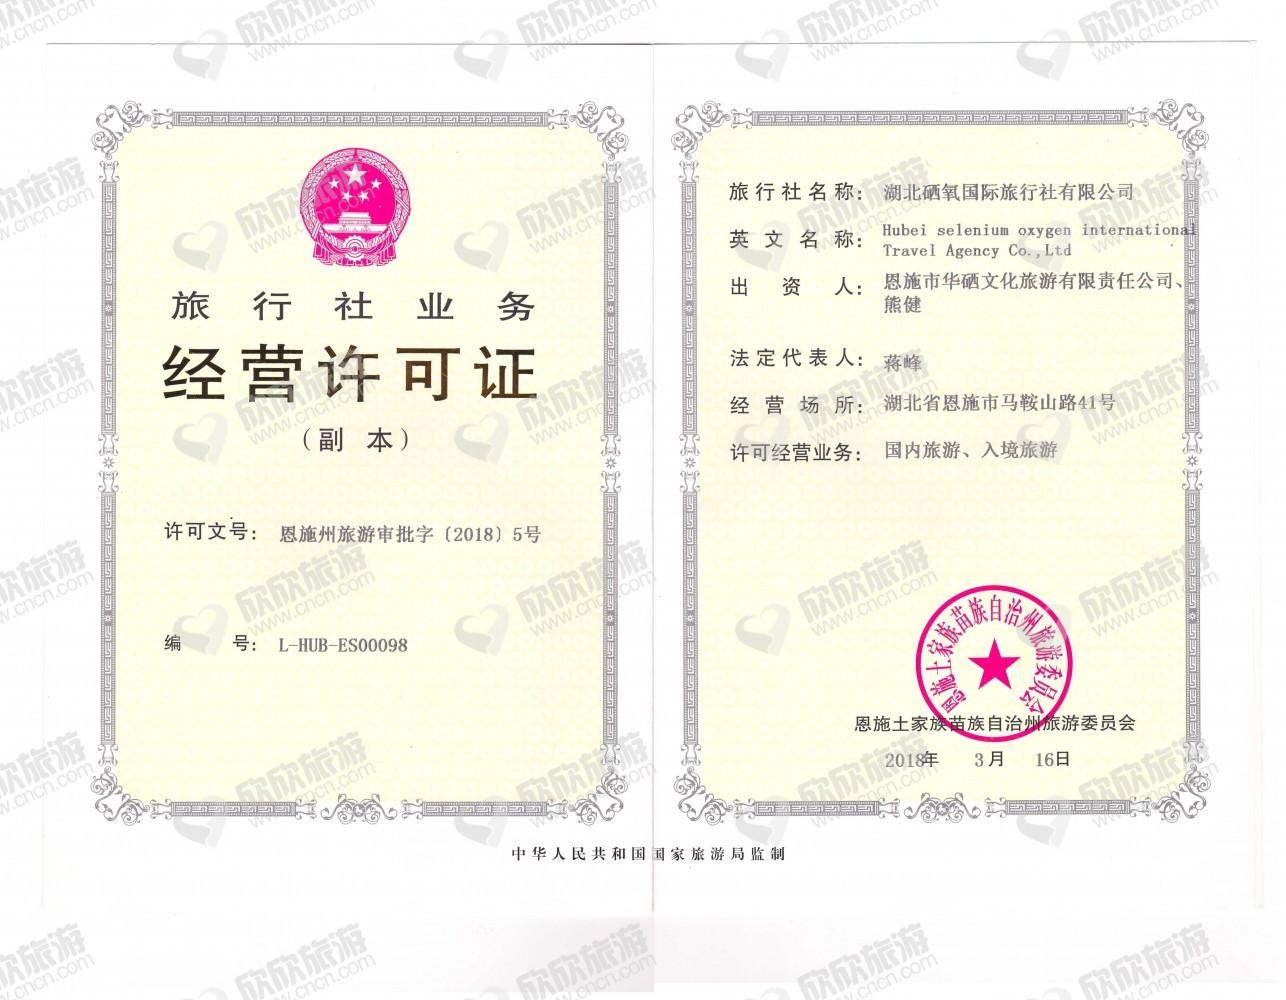 湖北硒氧国际旅行社有限公司经营许可证